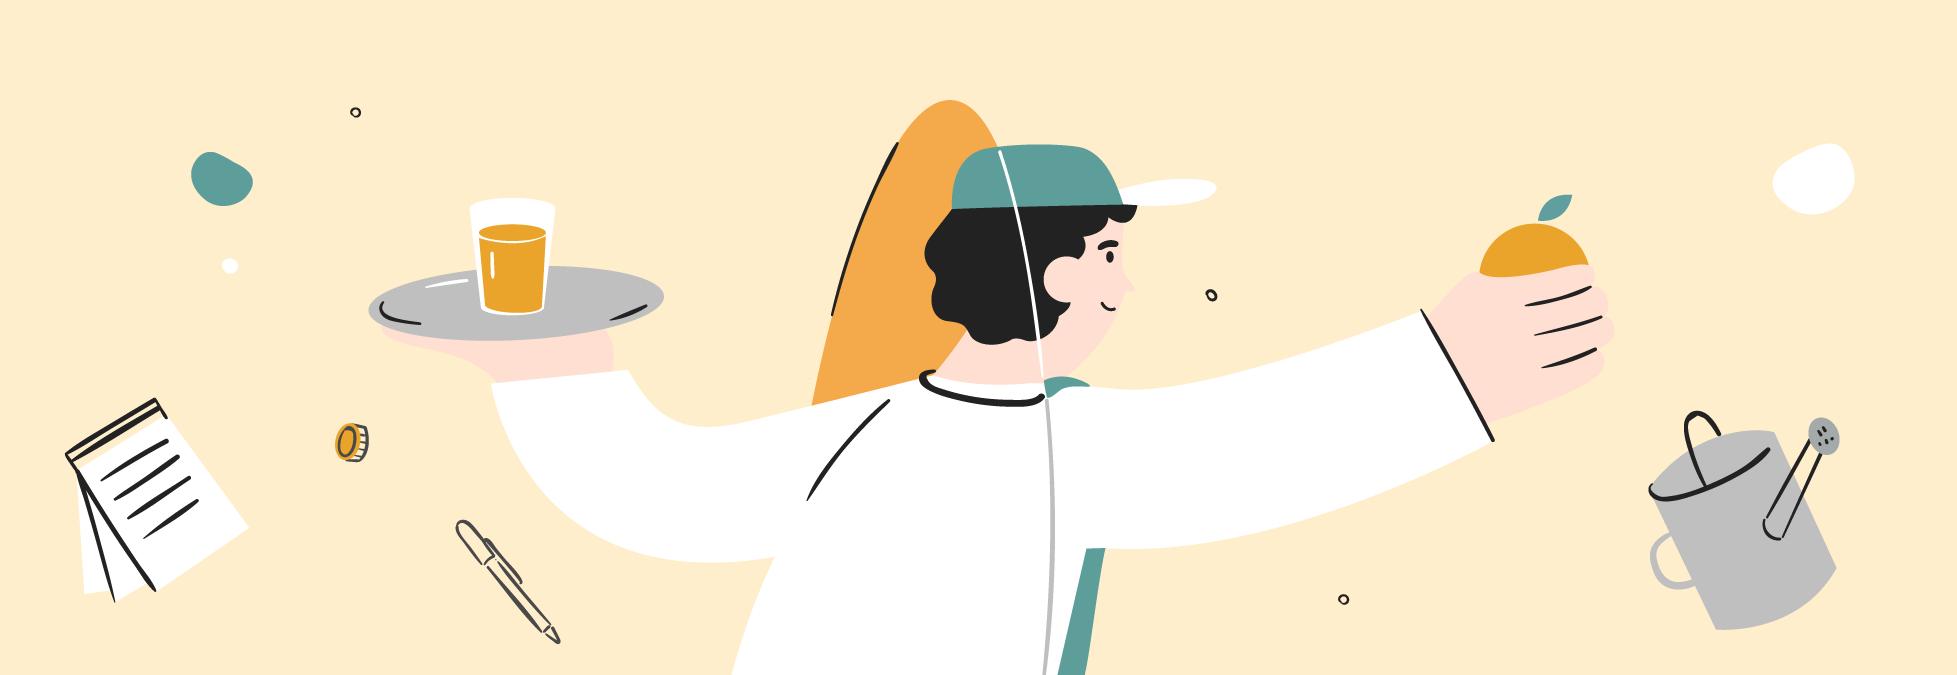 Illustration eines Kellners, der ein Tablett und eines Bauern, der eine Orange hält